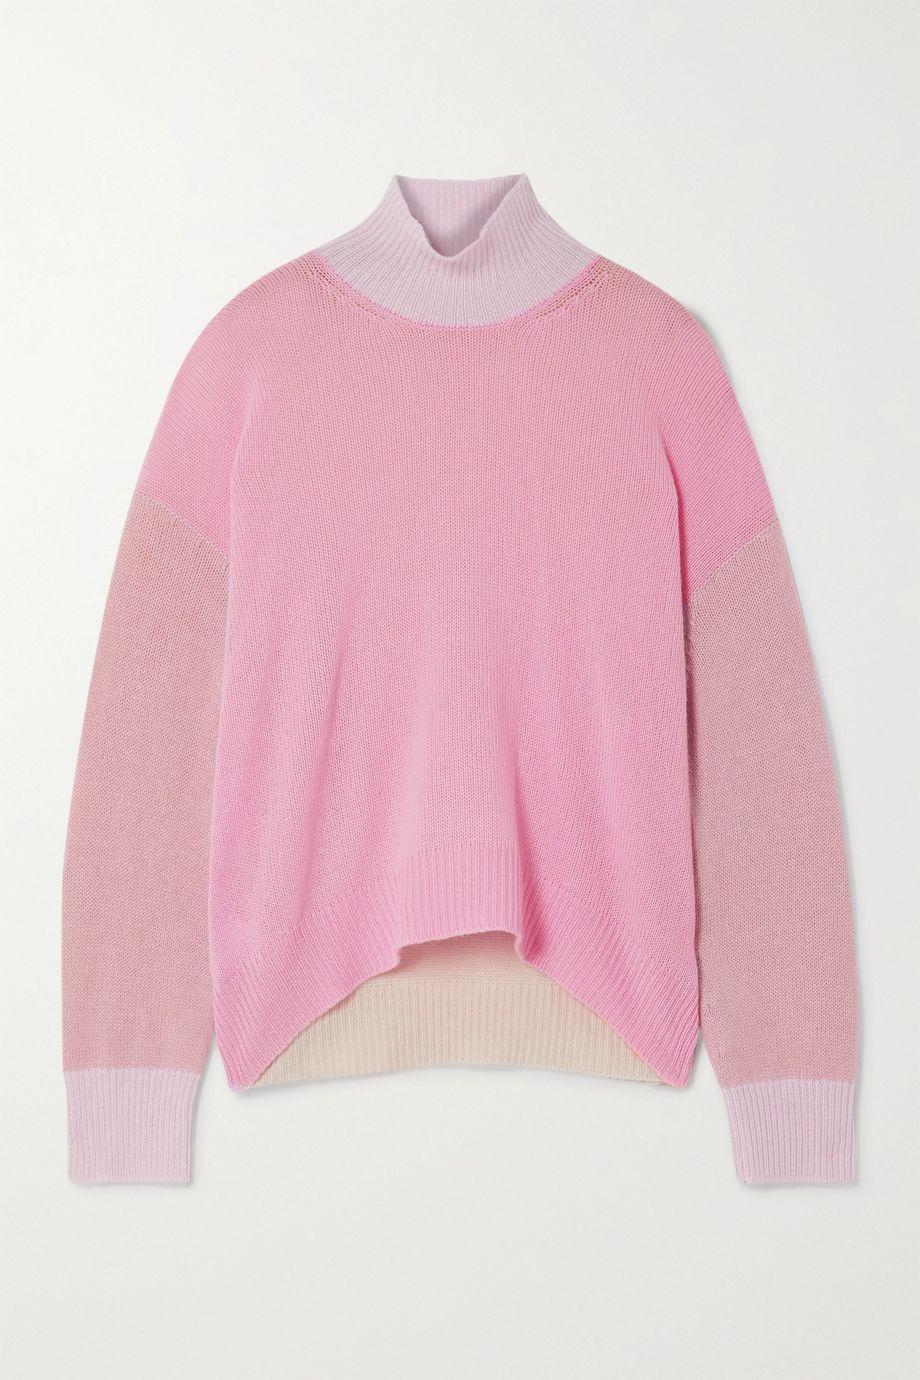 Marni Color-block cashmere sweater